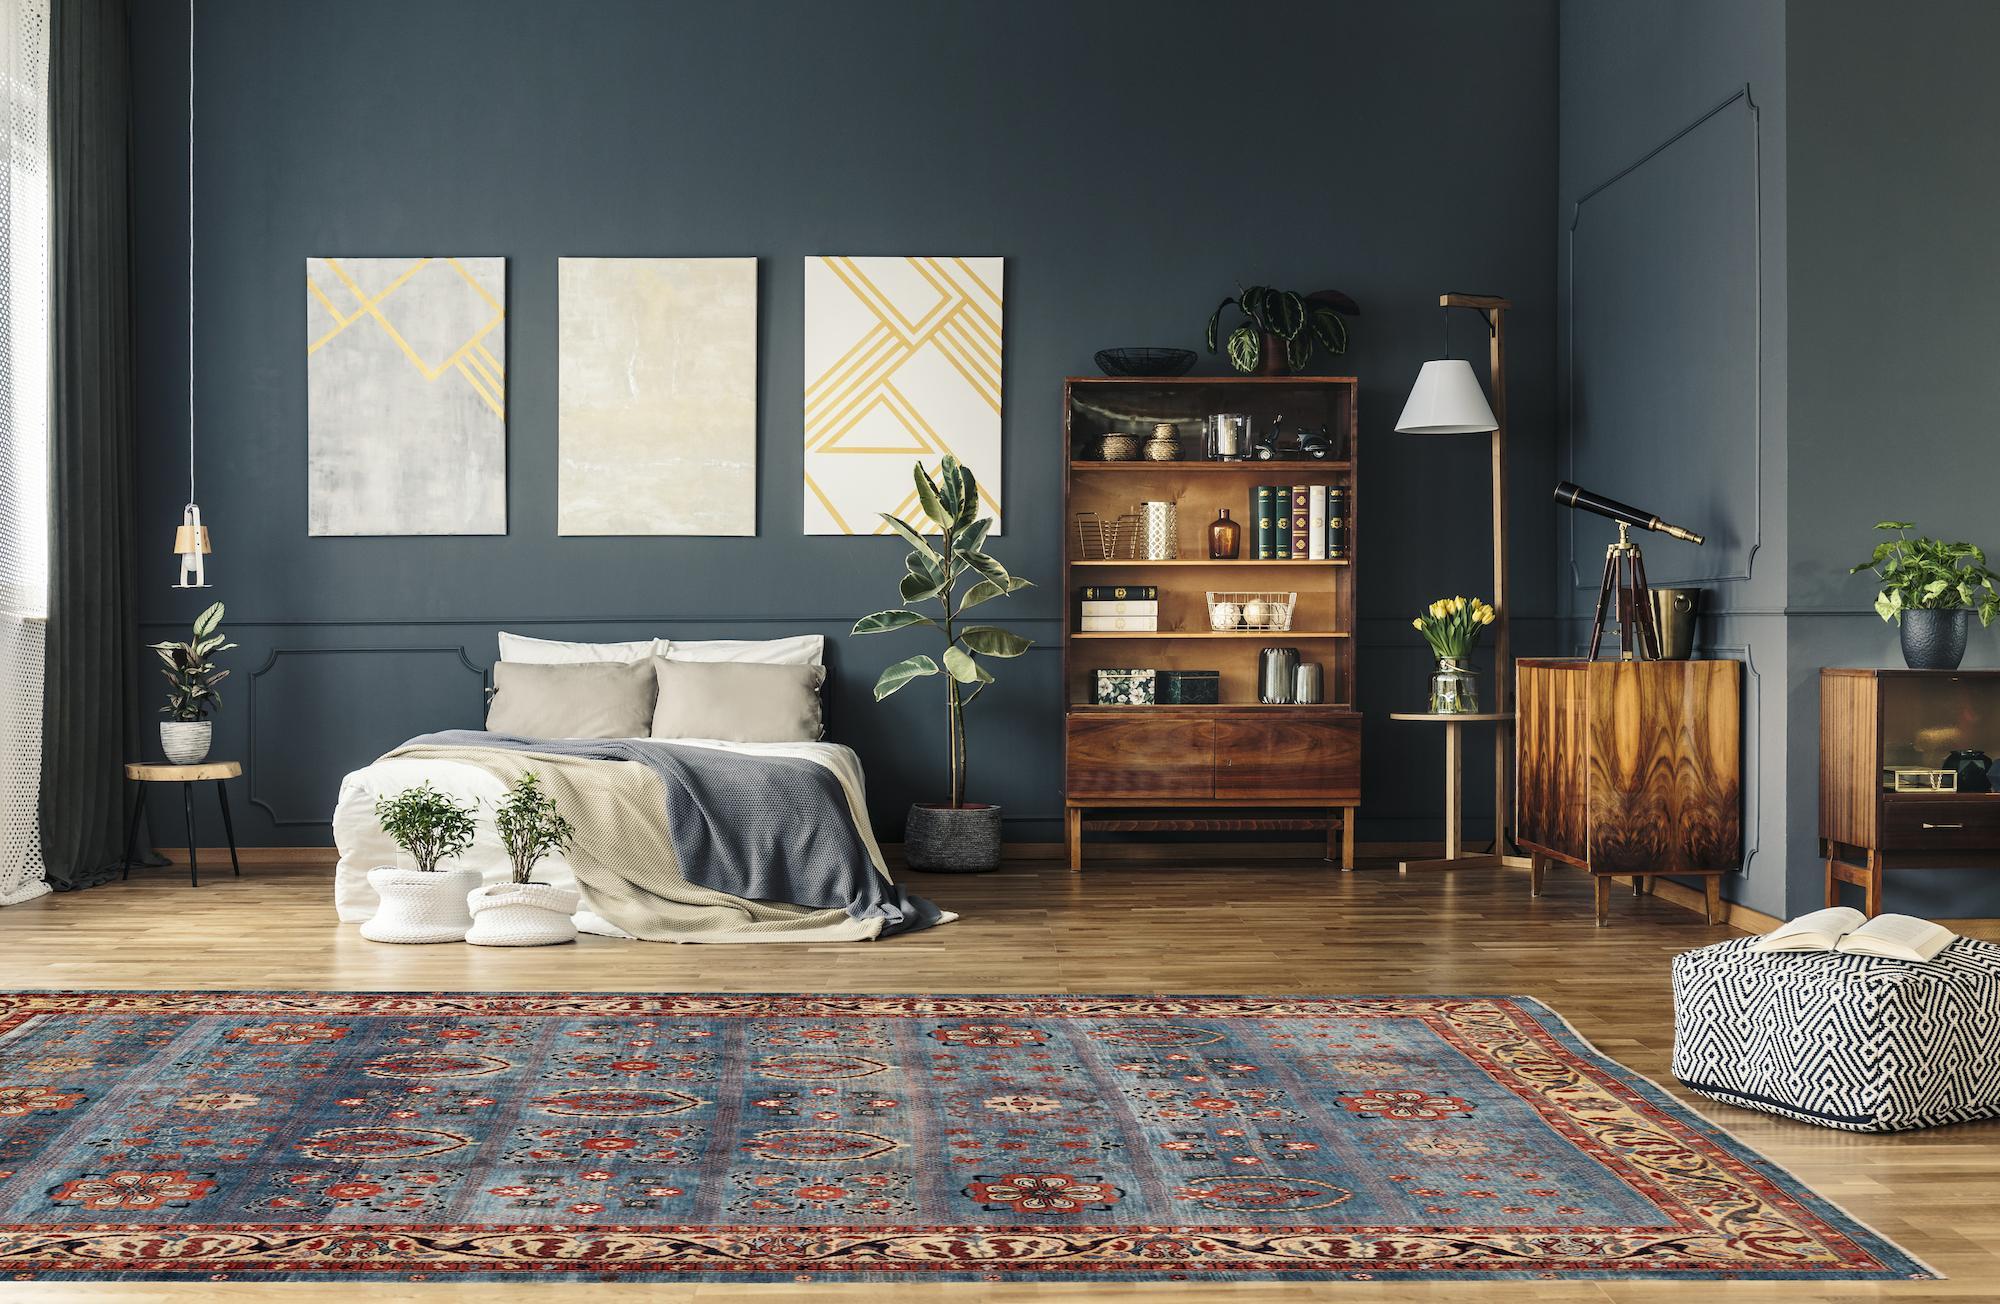 tappeto gabbeh colorato moderno blu in casa moderna